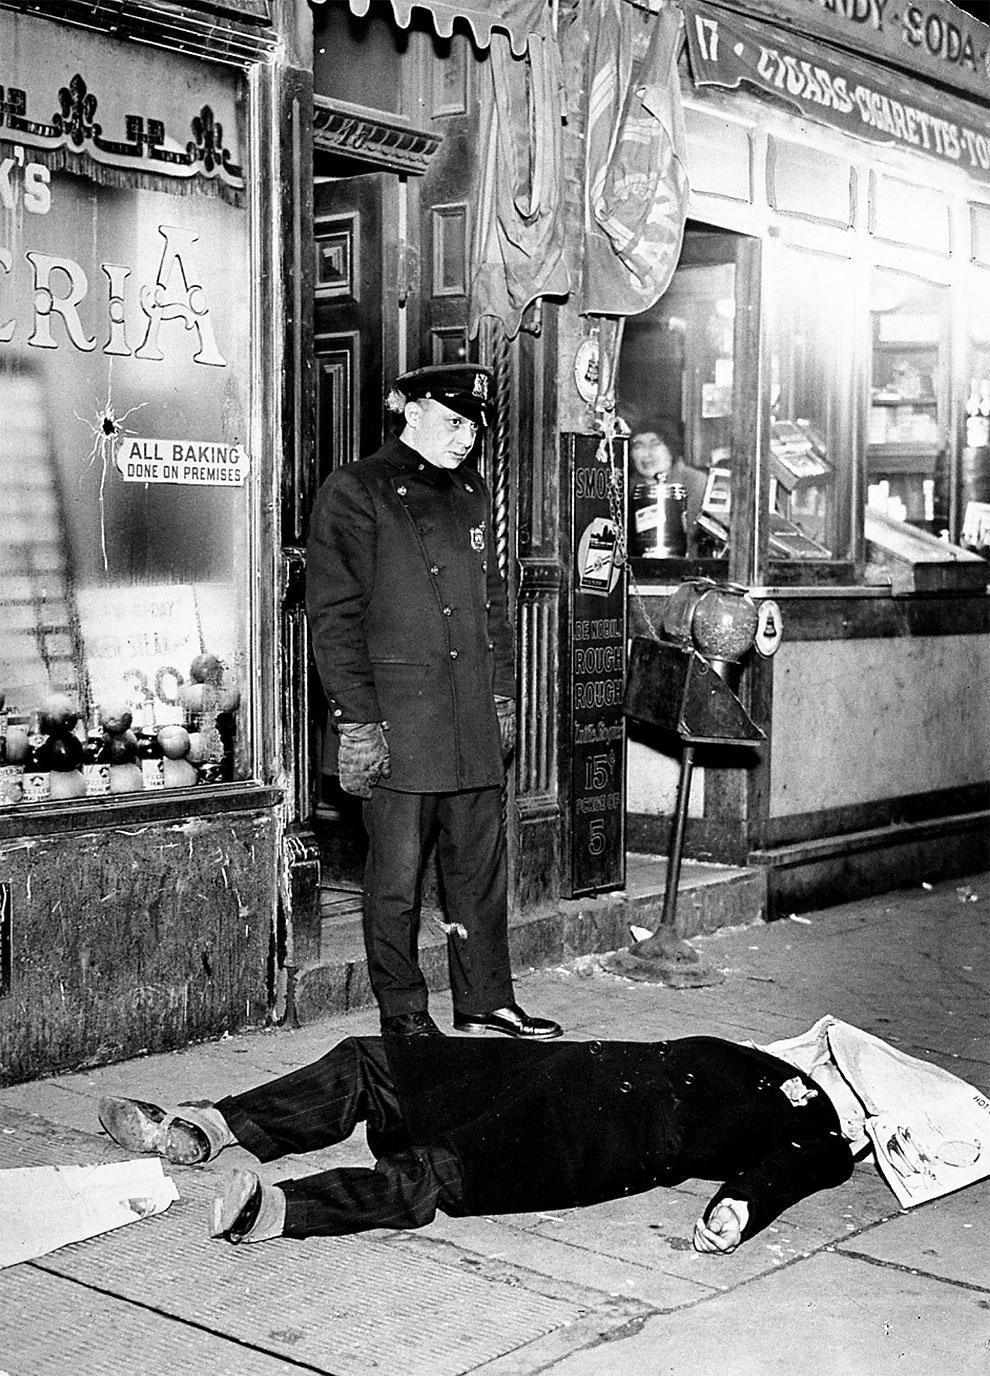 Тело Джо (Aces) Мацца на 17-ой авеню Нью-Йорке. Гангстер погиб во время бандитских разборок, 21 февраля 1931 года.